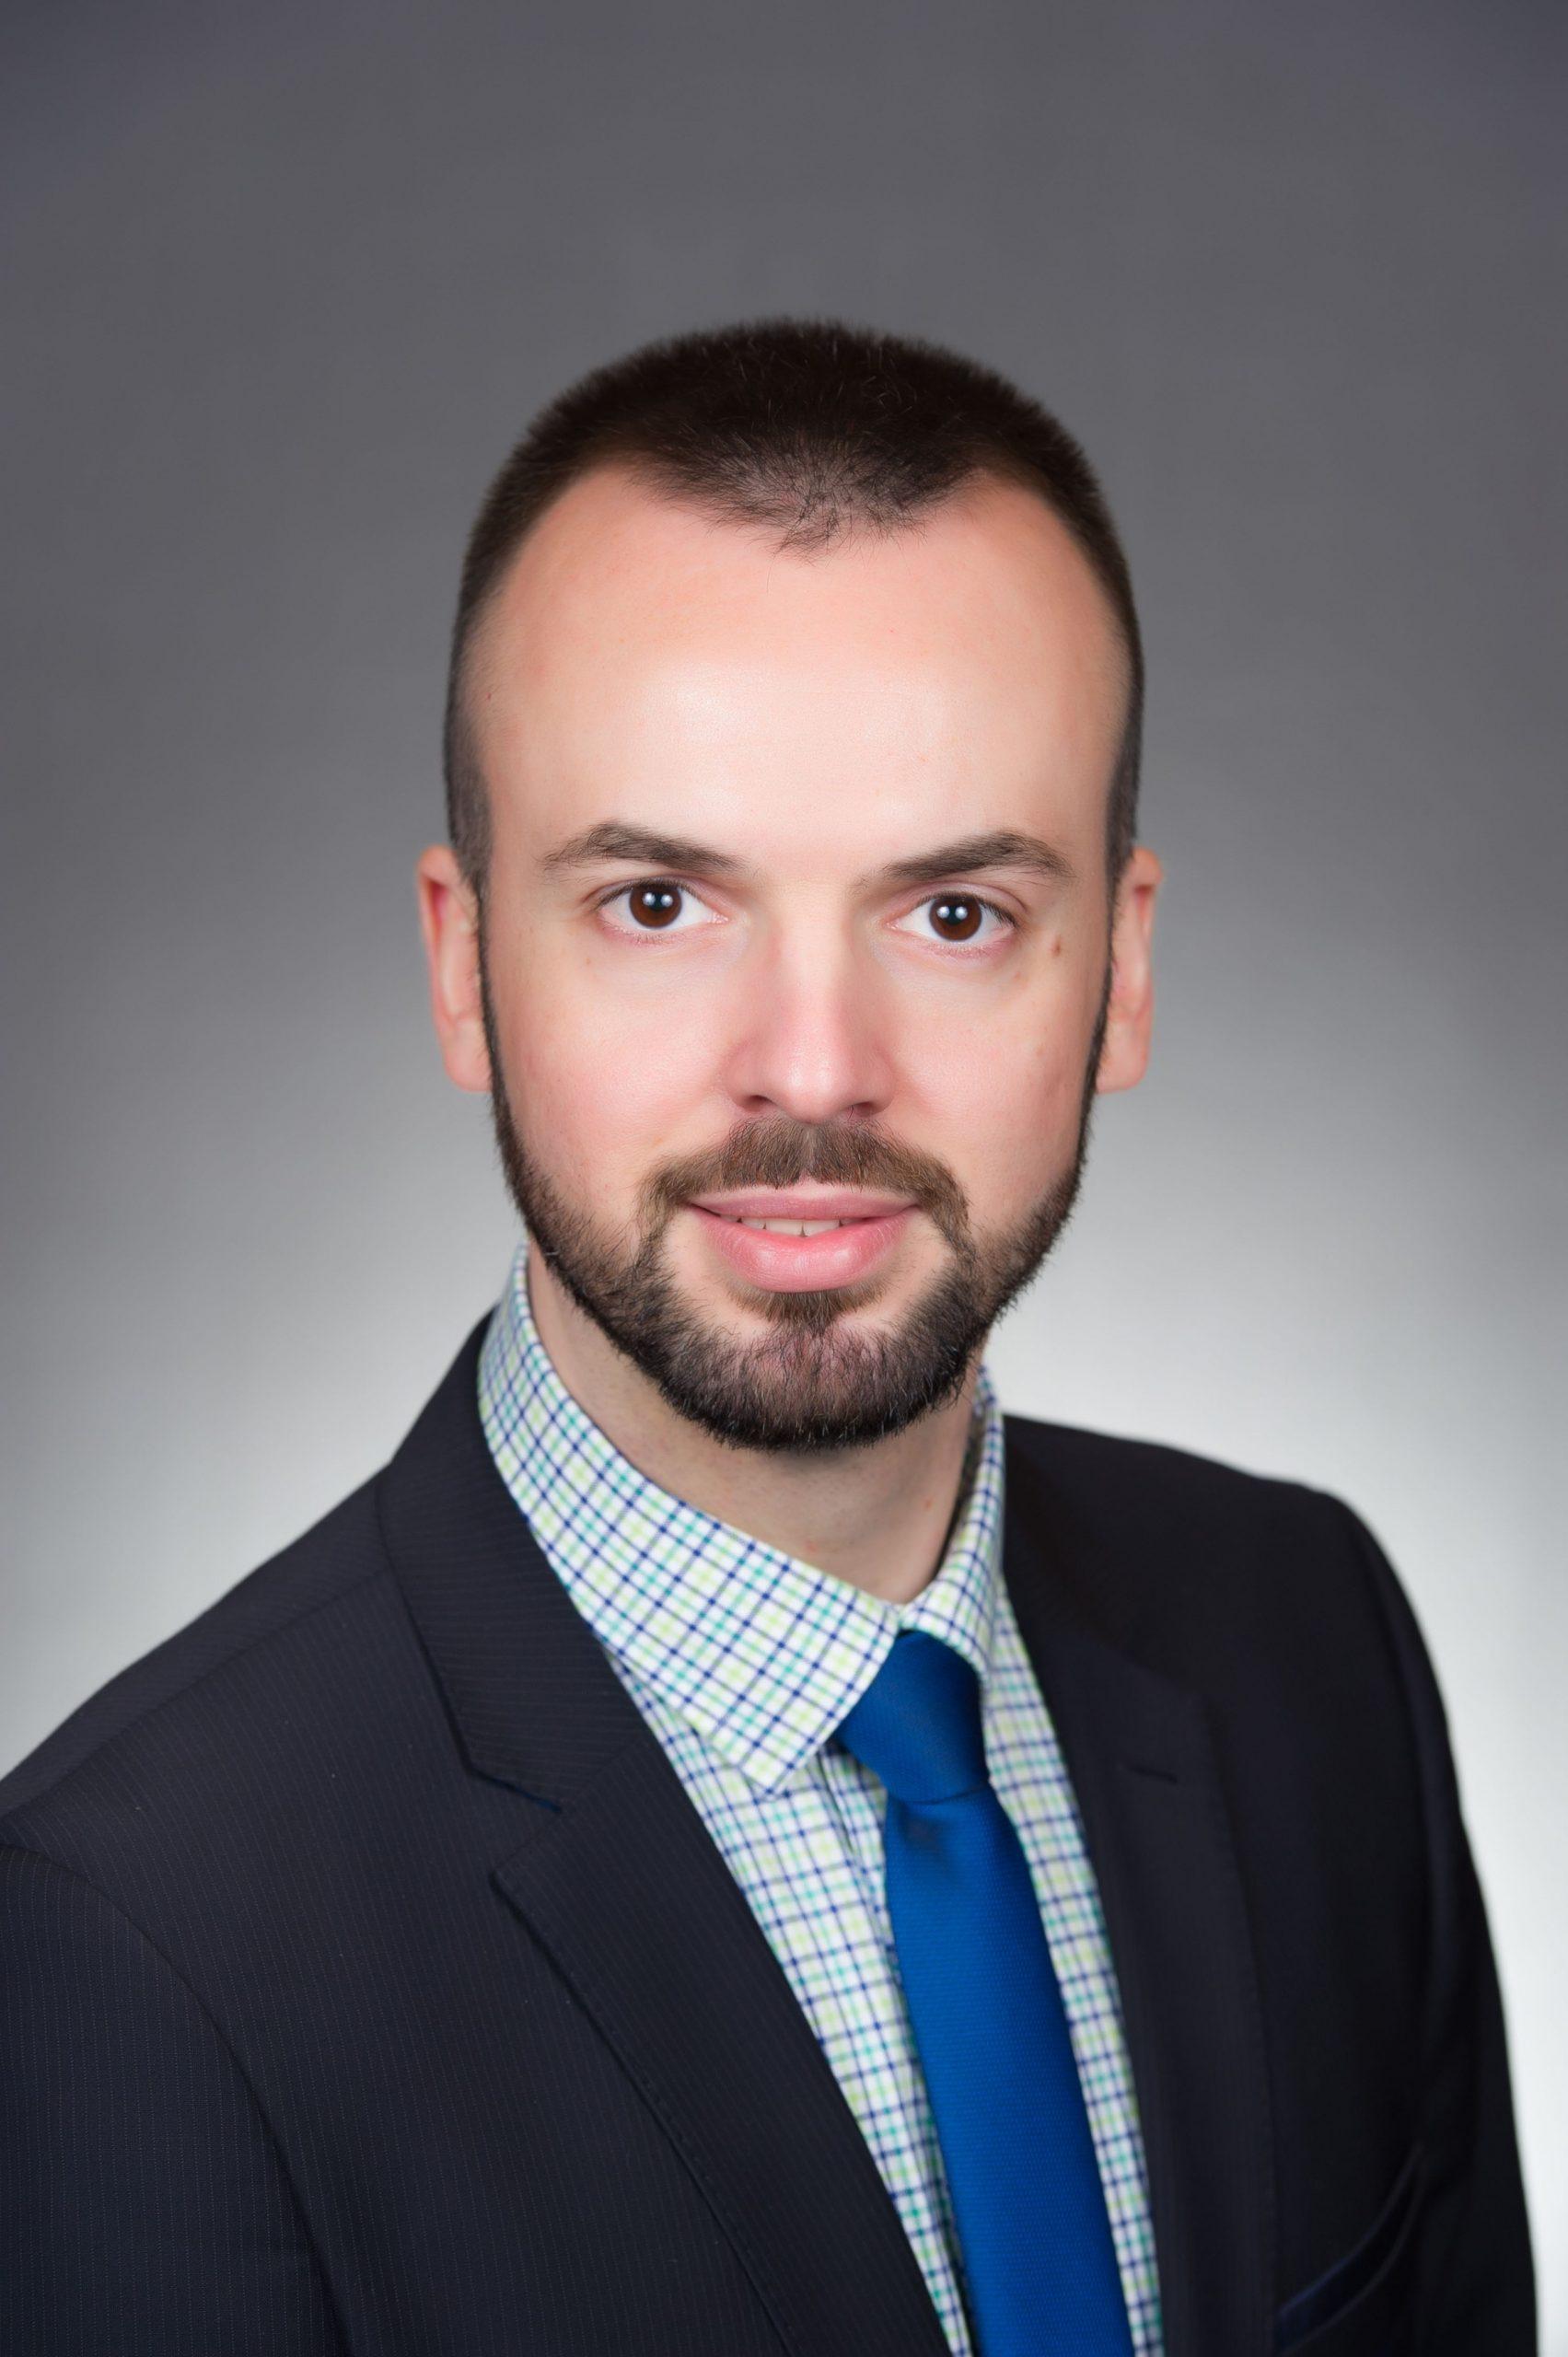 Photo of Dr Veselinović, Piroćanac – subspecijalista infektologije u SAD poručuje: Glavni borci protiv virusa smo svi mi, svako od nas ponaosob